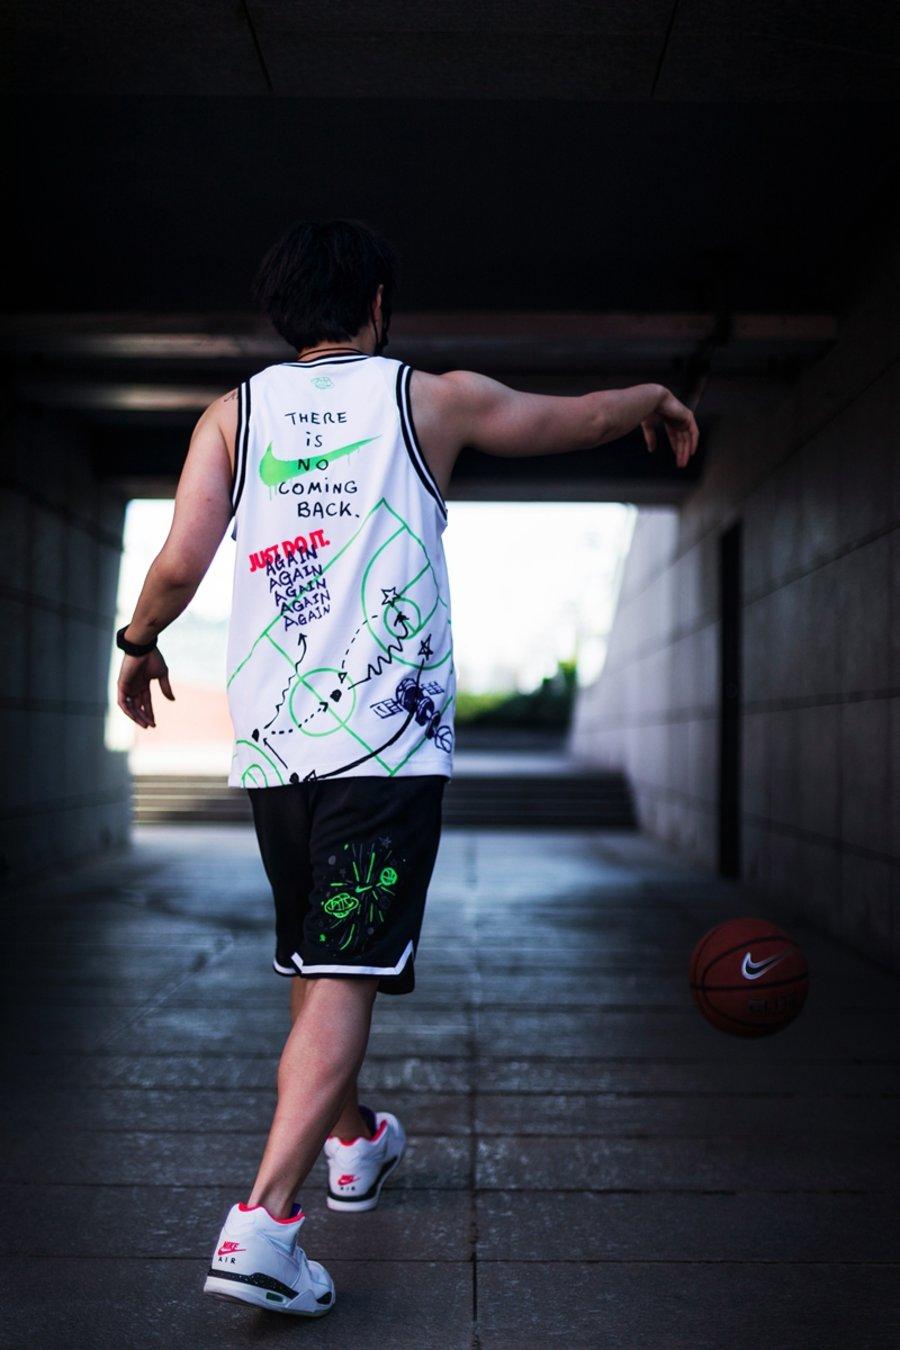 备受好评的 「篮球之星」 主题!新 莆田鞋Nike Adapt BB 2.0 实物曝光!